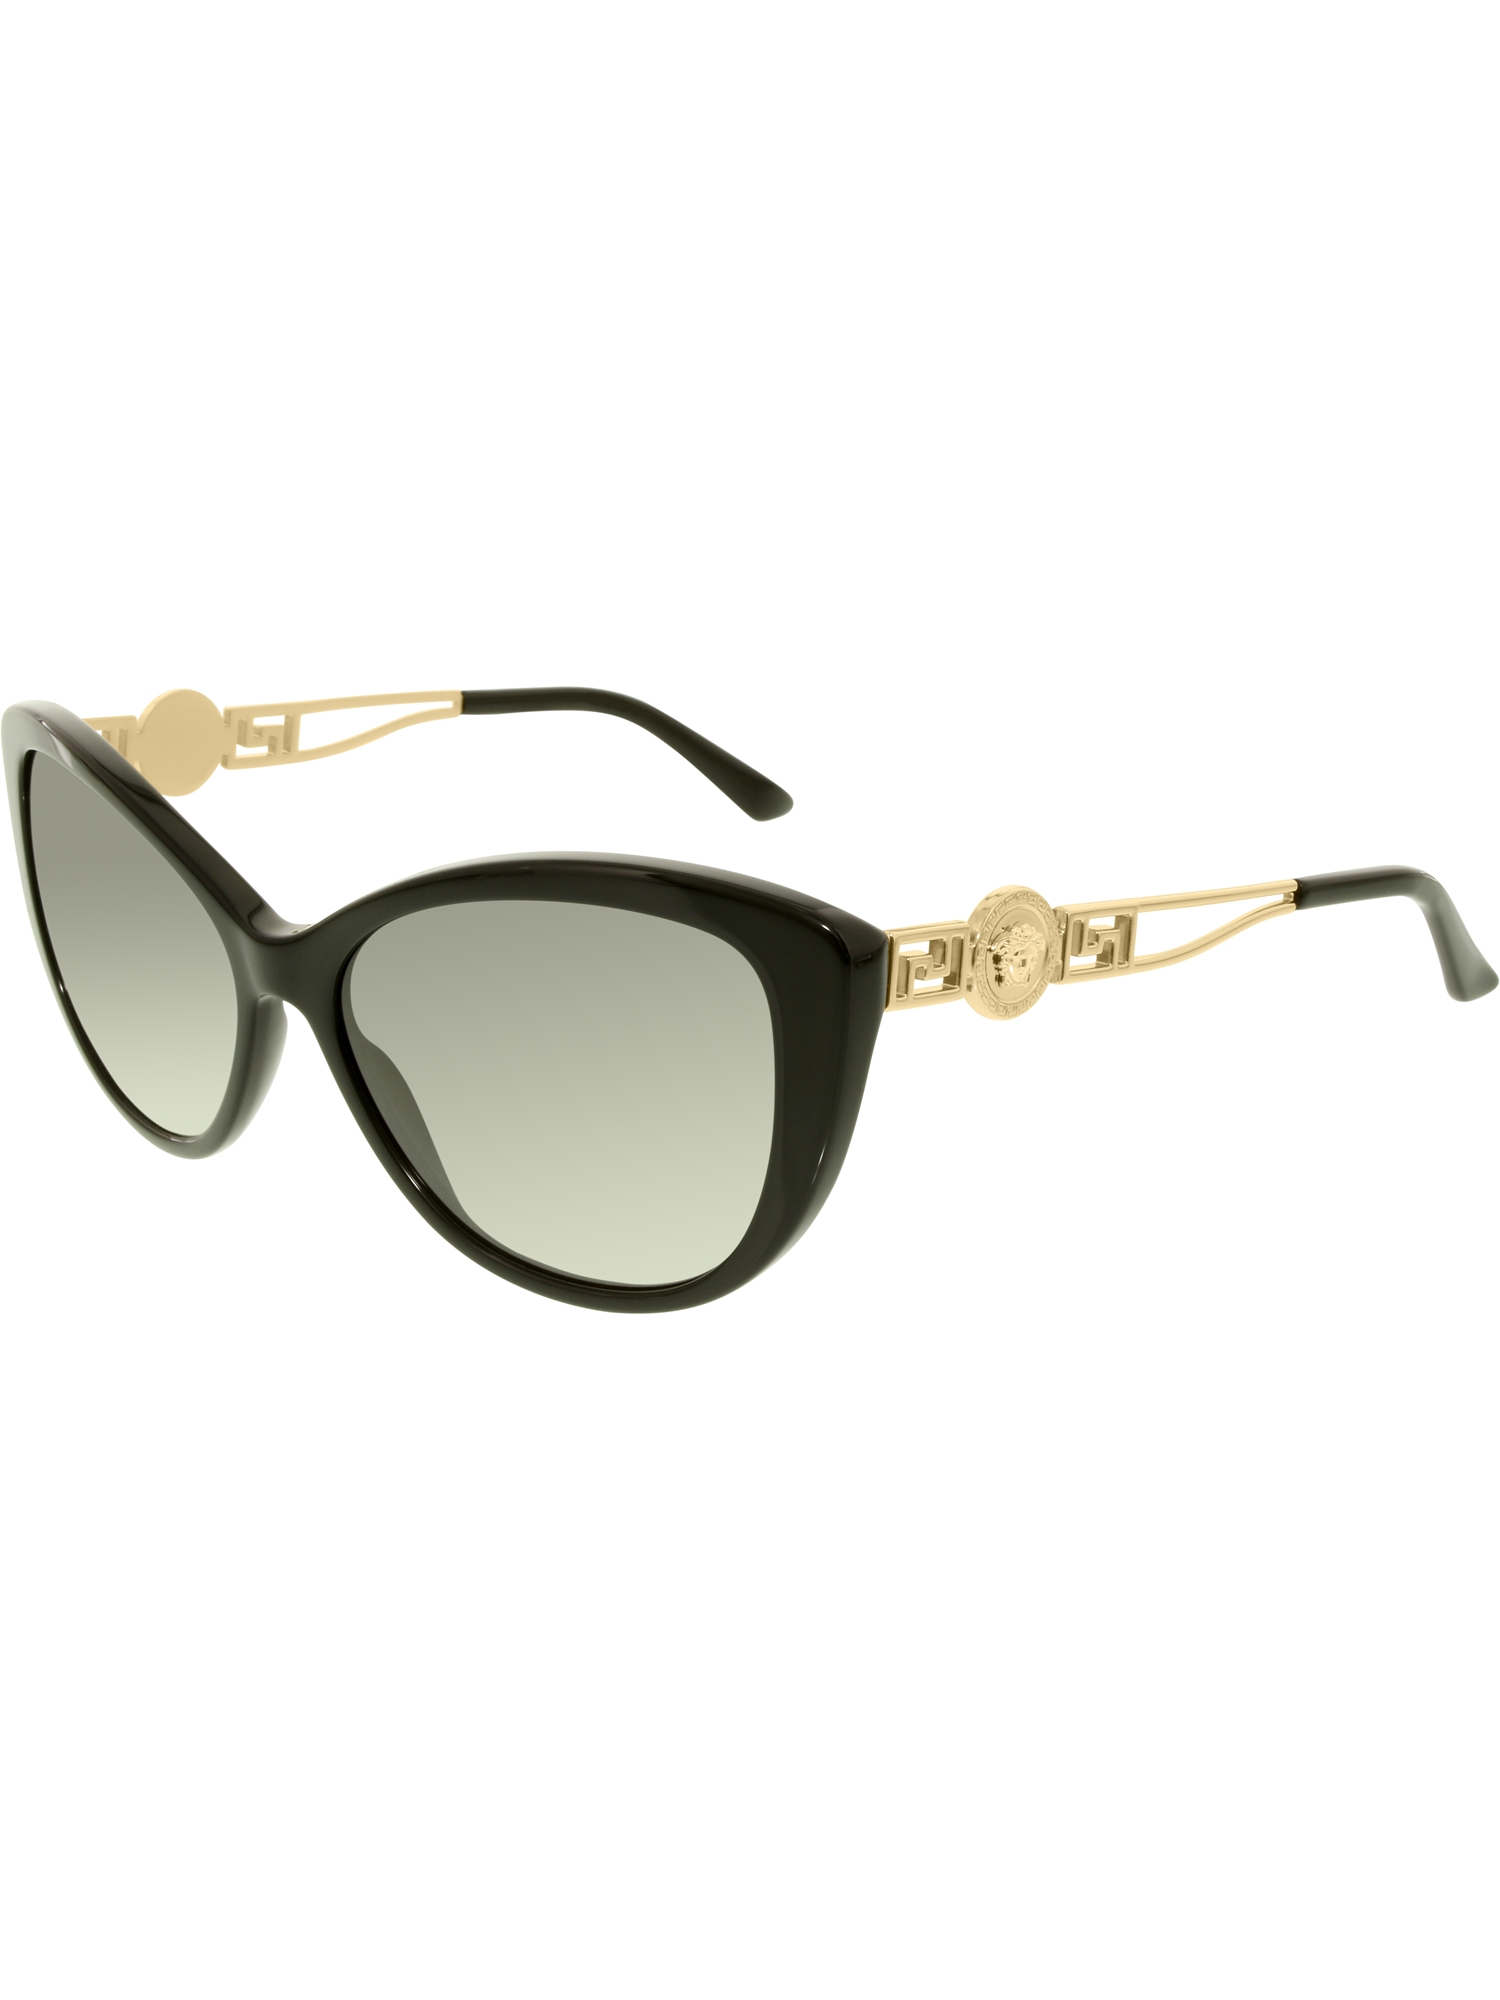 Versace Női Napszemüveg VE4295-GB1 11-57 Black Cat Eye - Glami.hu 89f5f1afe5